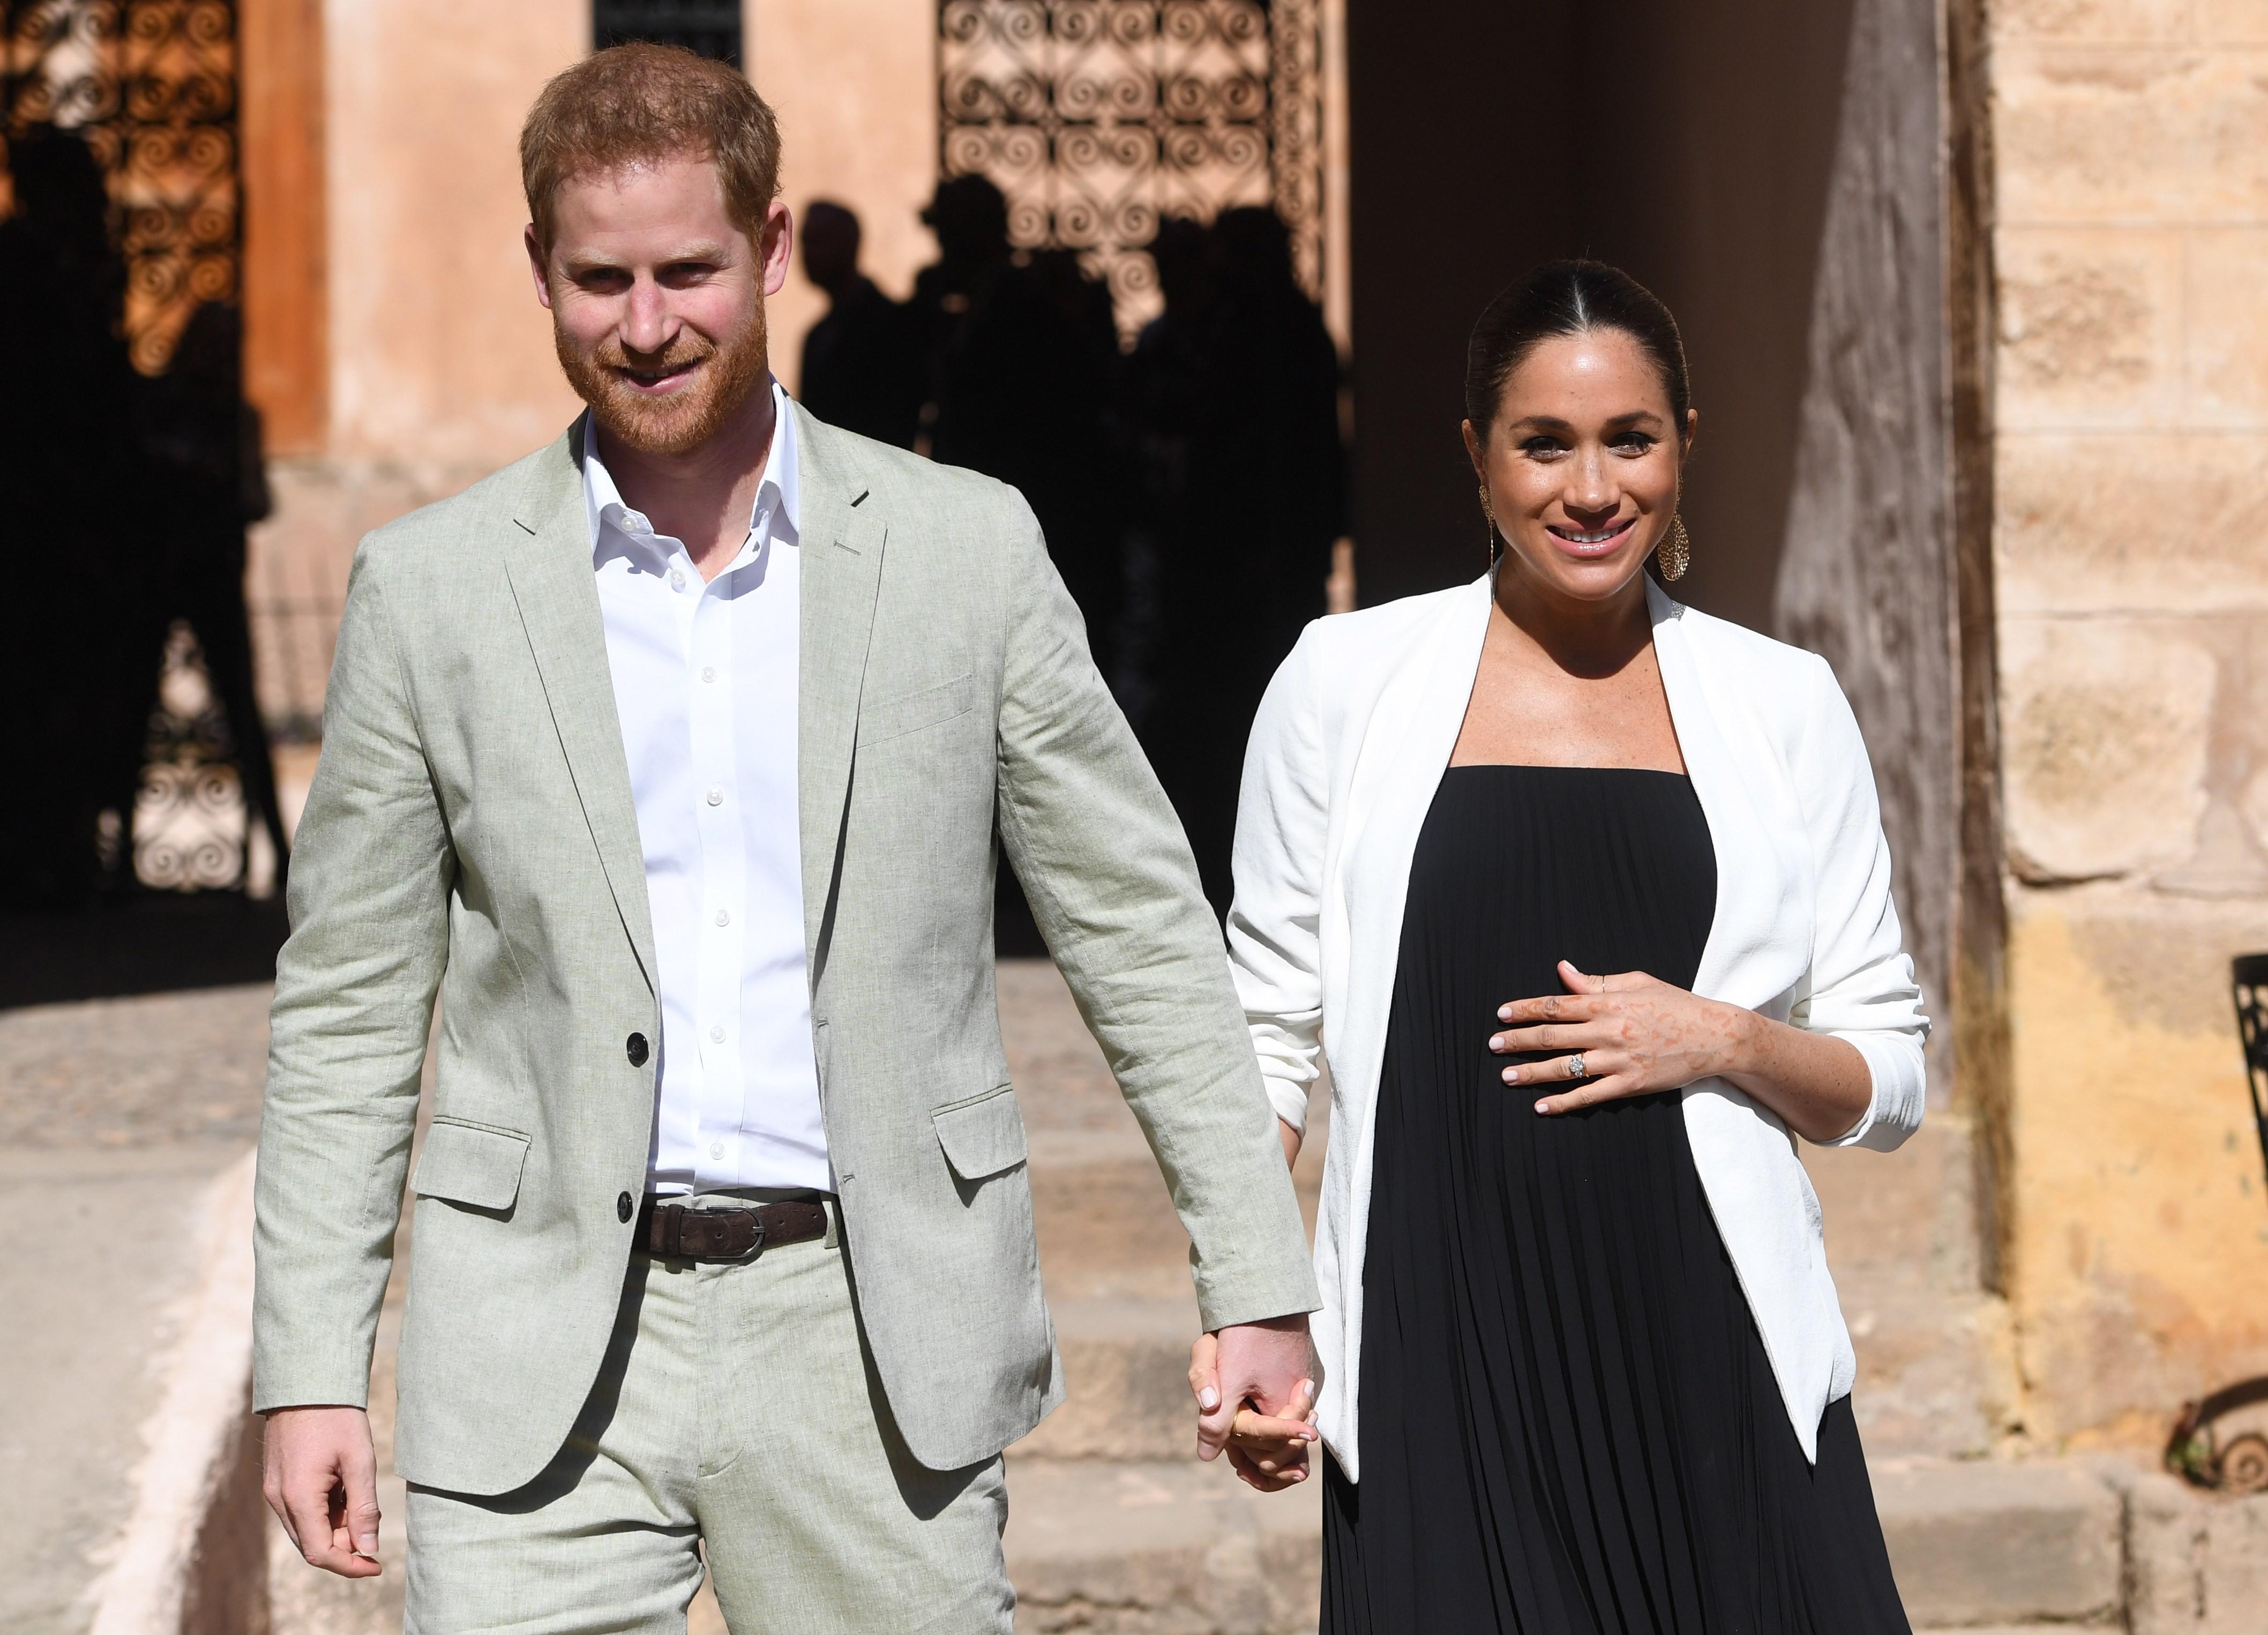 A finales de febrero, Meghan y Harry, realizaron un viaje de tres días a Marruecos, cuando la duquesa se encontraba en su séptimo mes de embarazo. (Archivo)